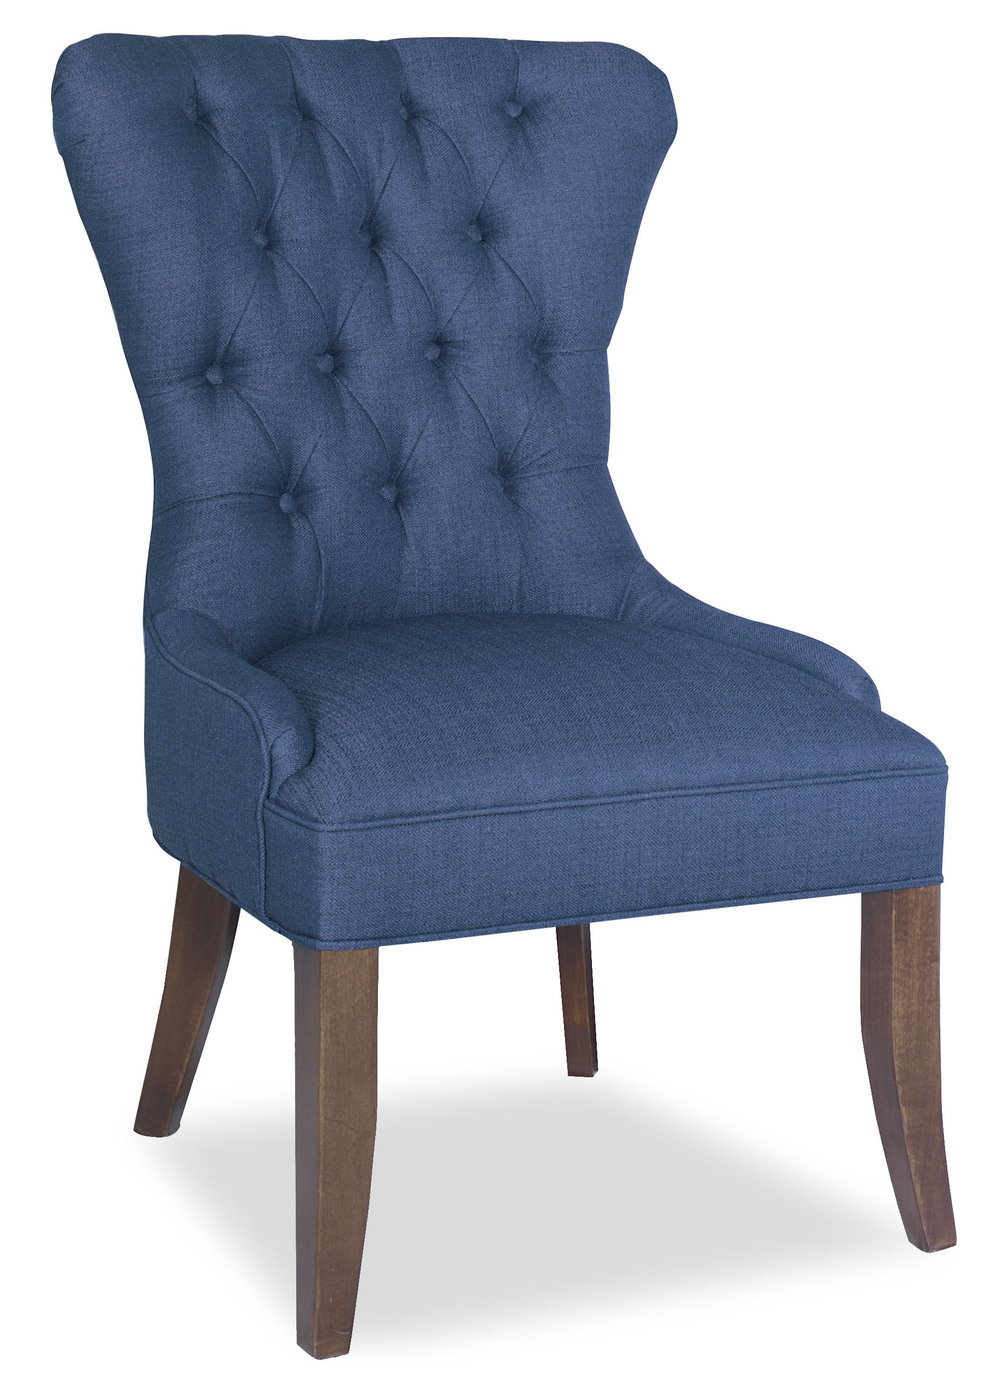 Parker Southern - McKenzie Chair